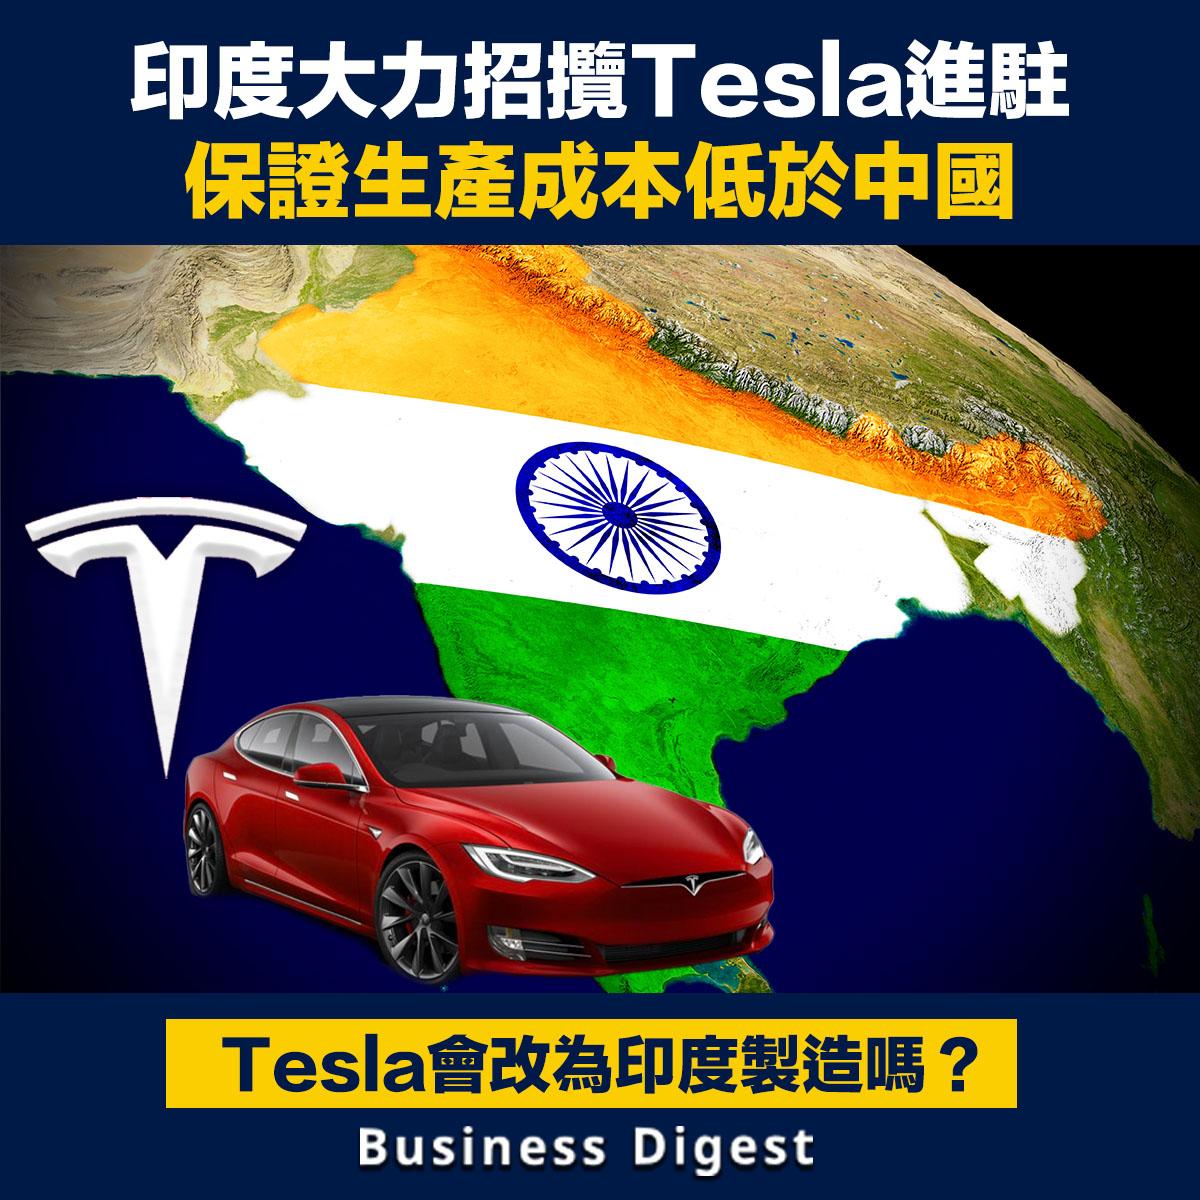 印度大力招攬Tesla進駐,保證生產成本低於中國